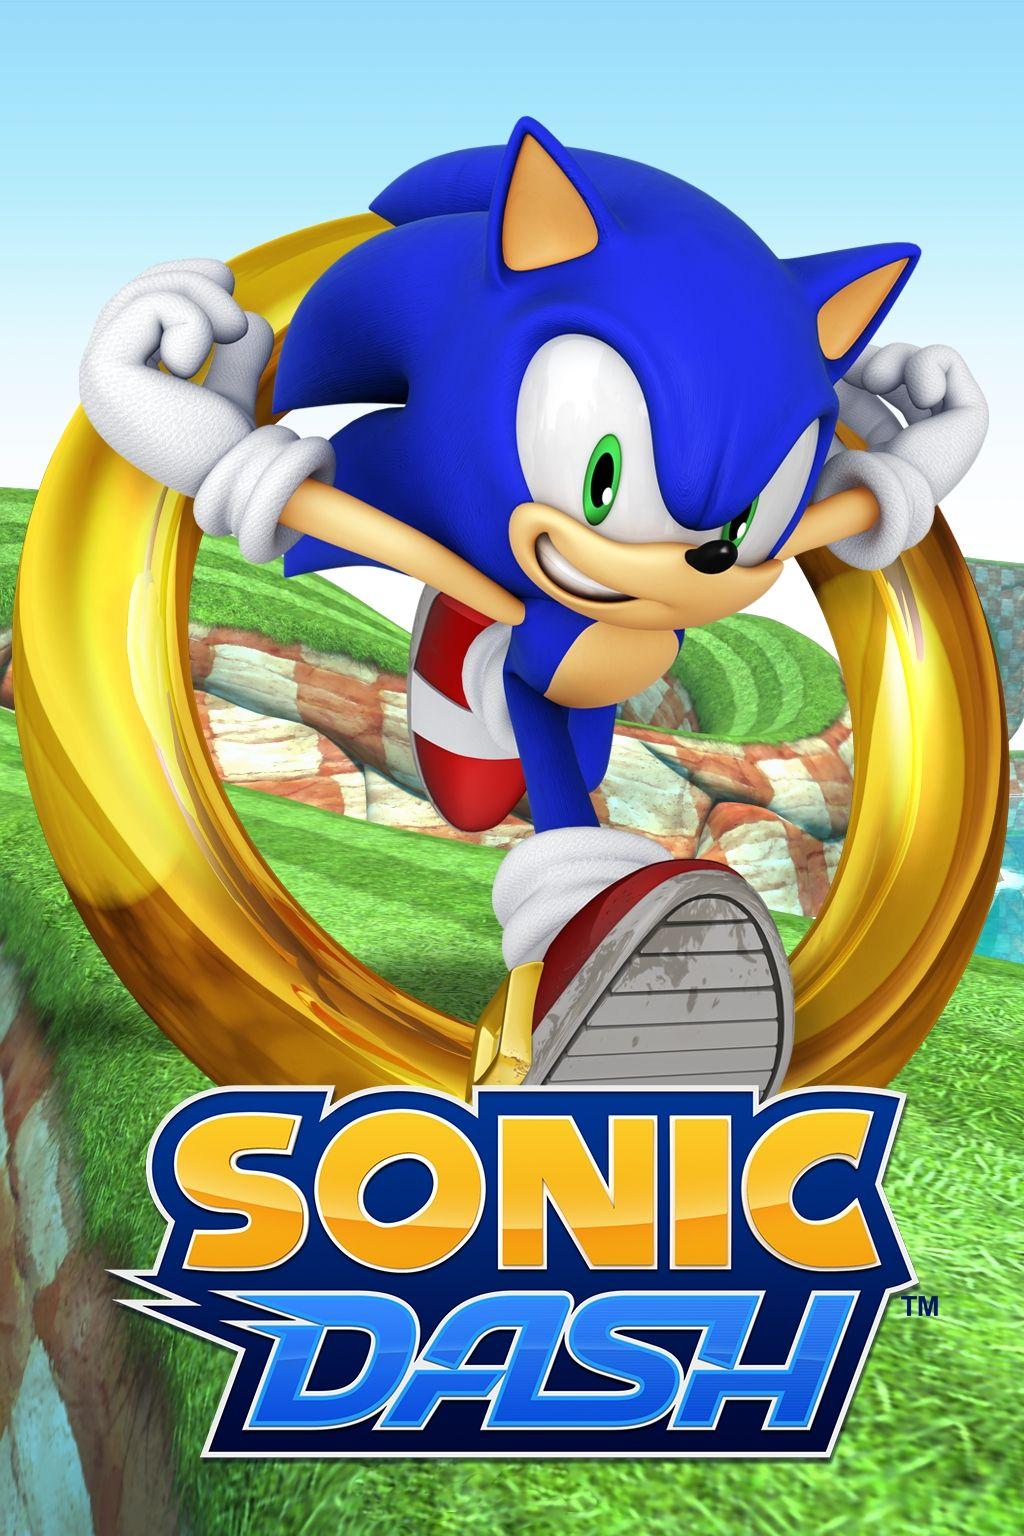 App: Sonic Dash. Creadores: Sega